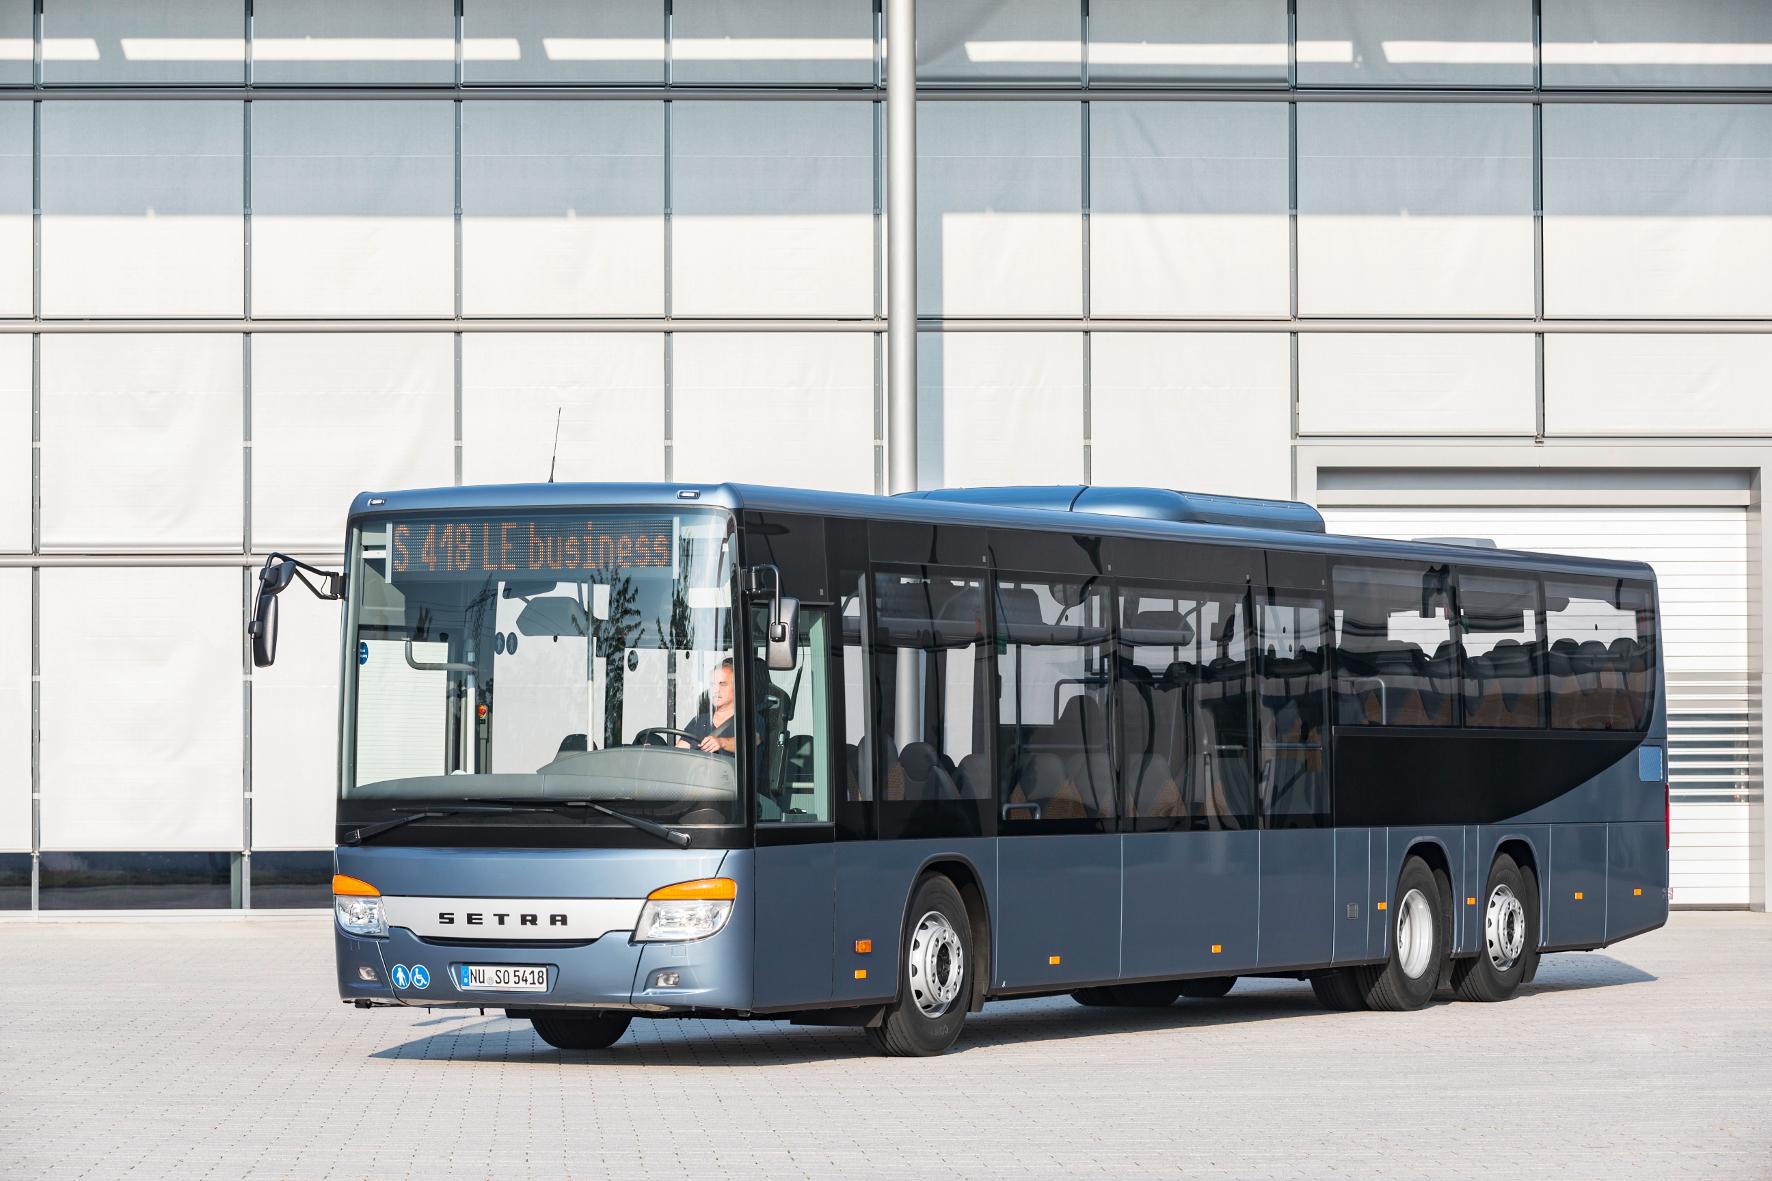 mid Groß-Gerau - Der 14,6 Meter lange Setra S 418 LE business bietet 61 Sitzplätze für den innerstädtischen Verkehr und den Überland-Einsatz.